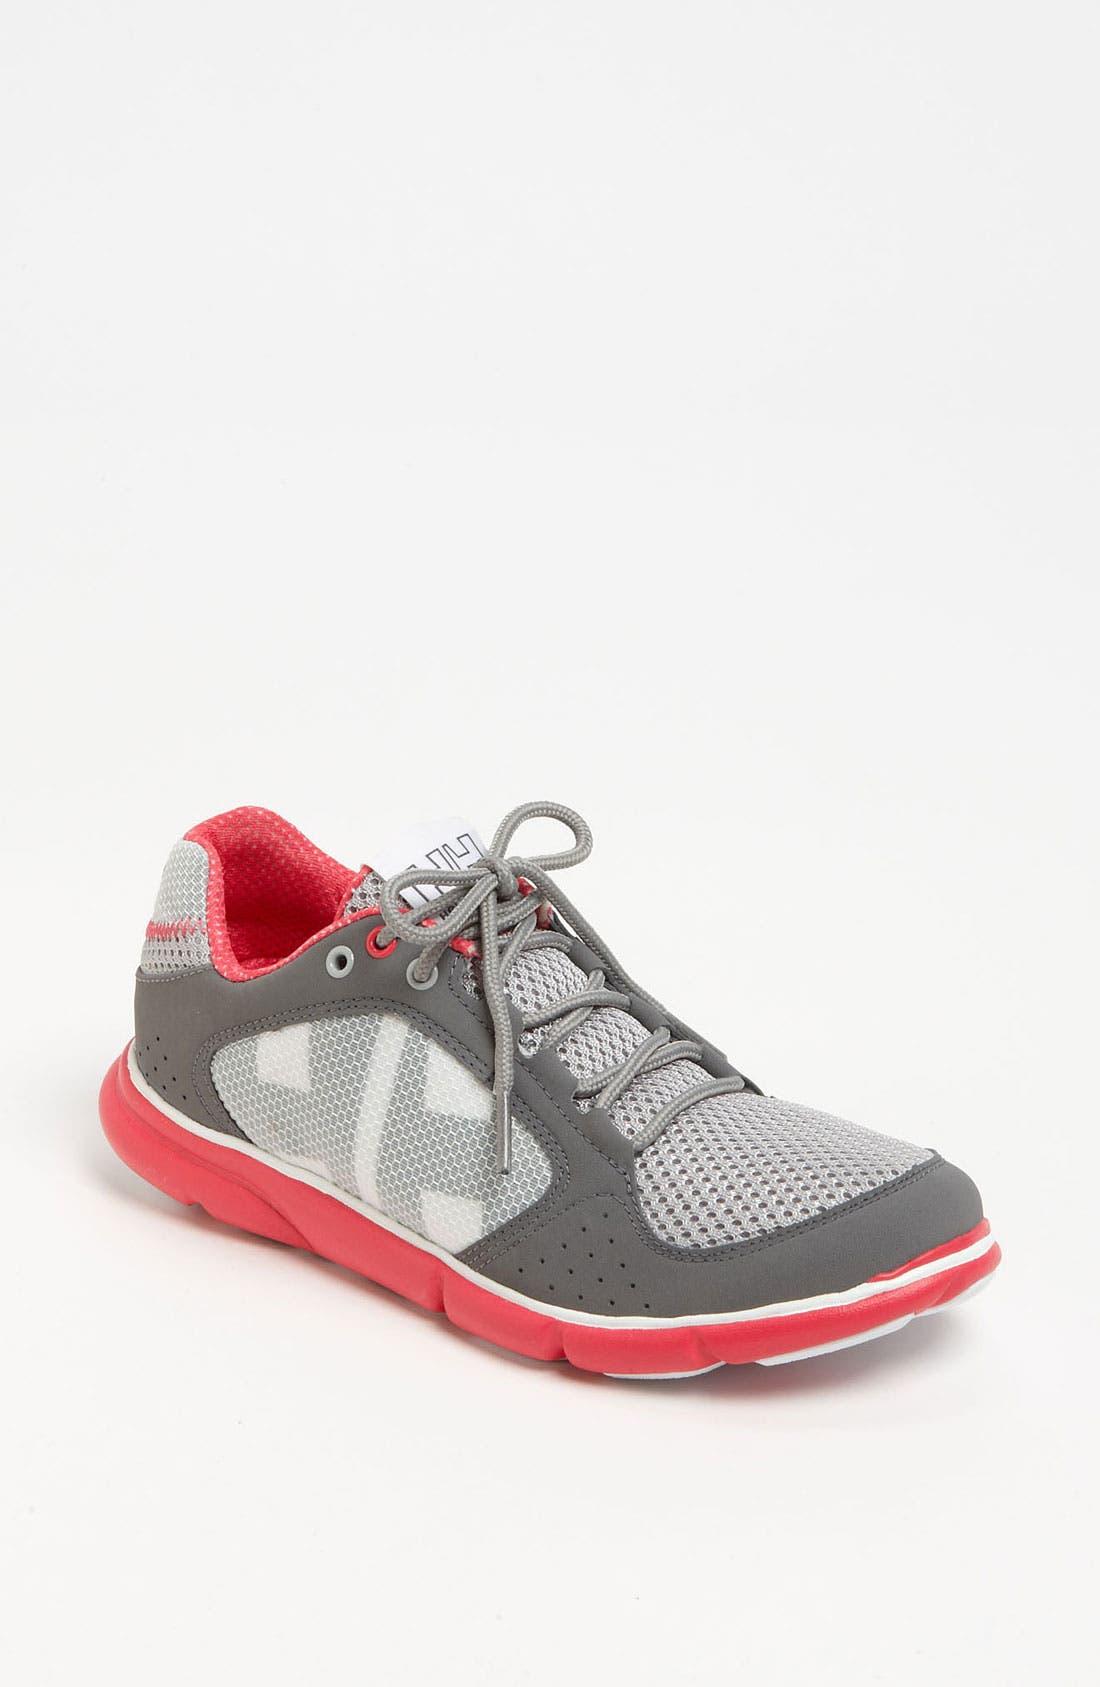 Main Image - Helly Hansen 'Ahiga' Running Shoe (Women)